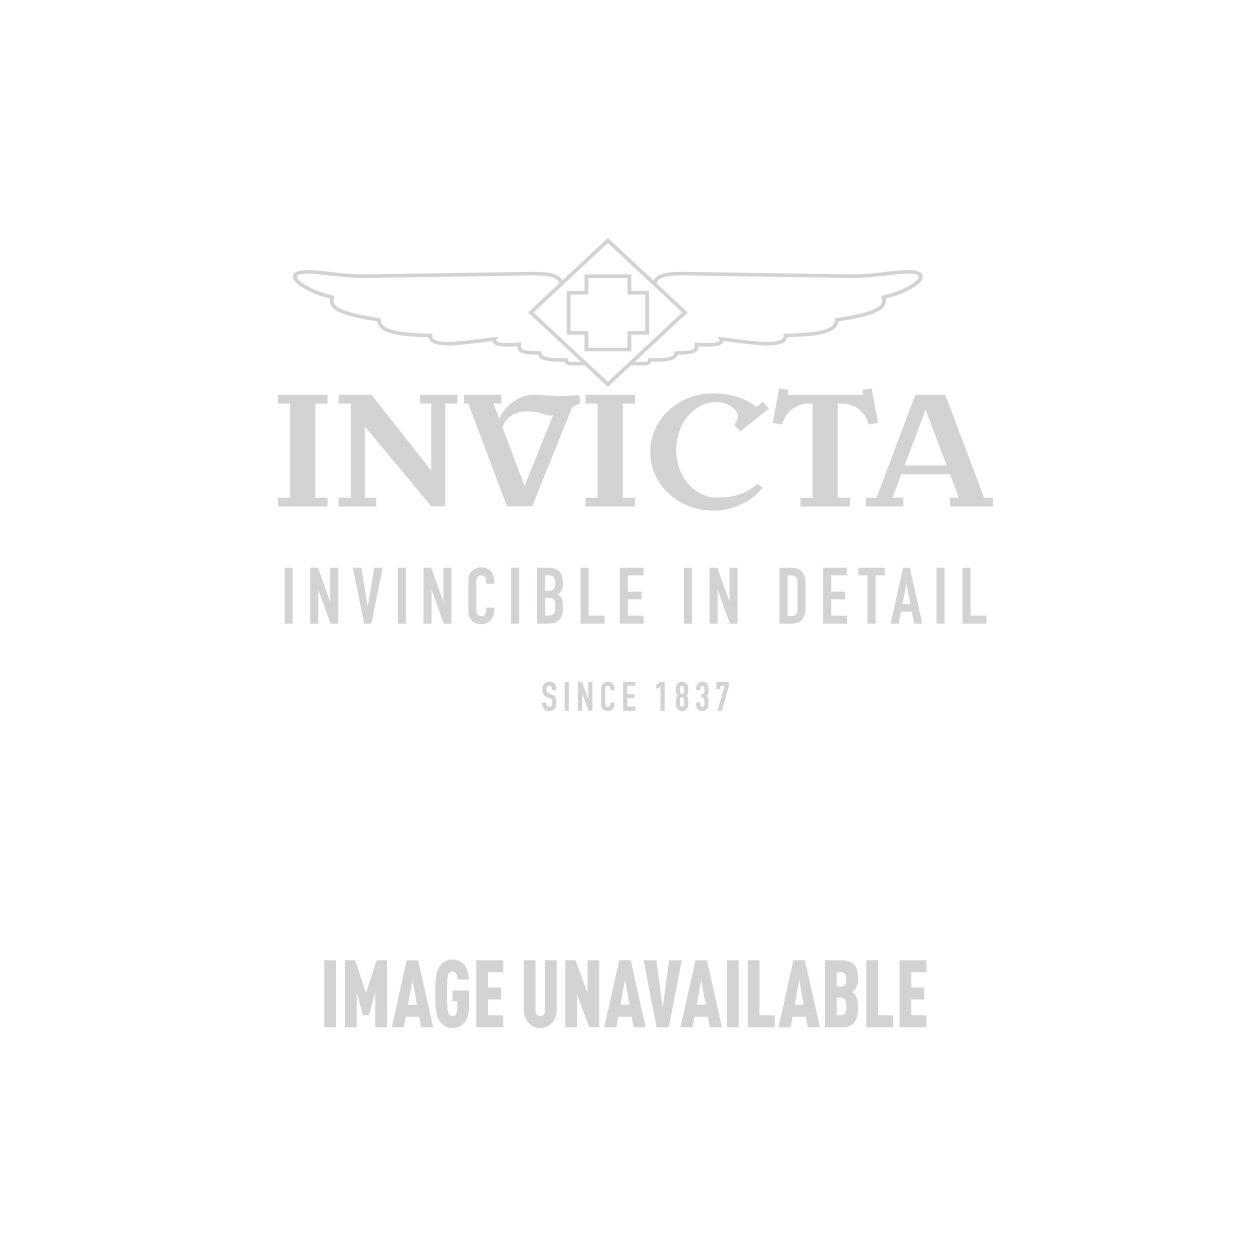 Invicta Model 25502